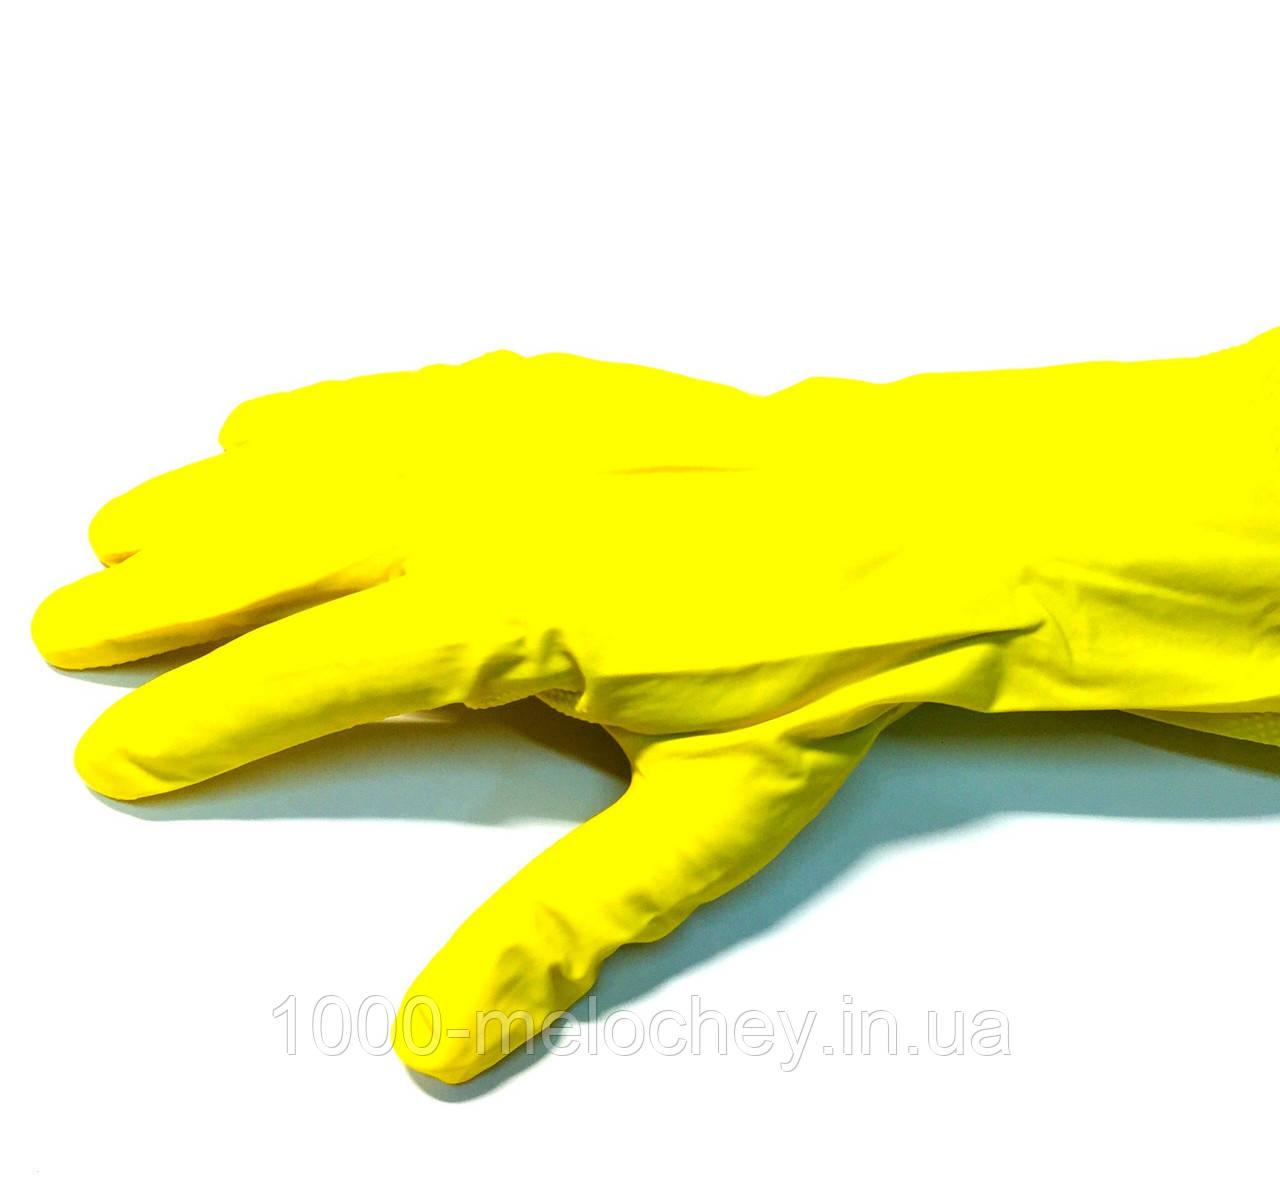 Перчатки хозяйственные резиновые, латексные, (1пара/уп., размер M,L,XL)